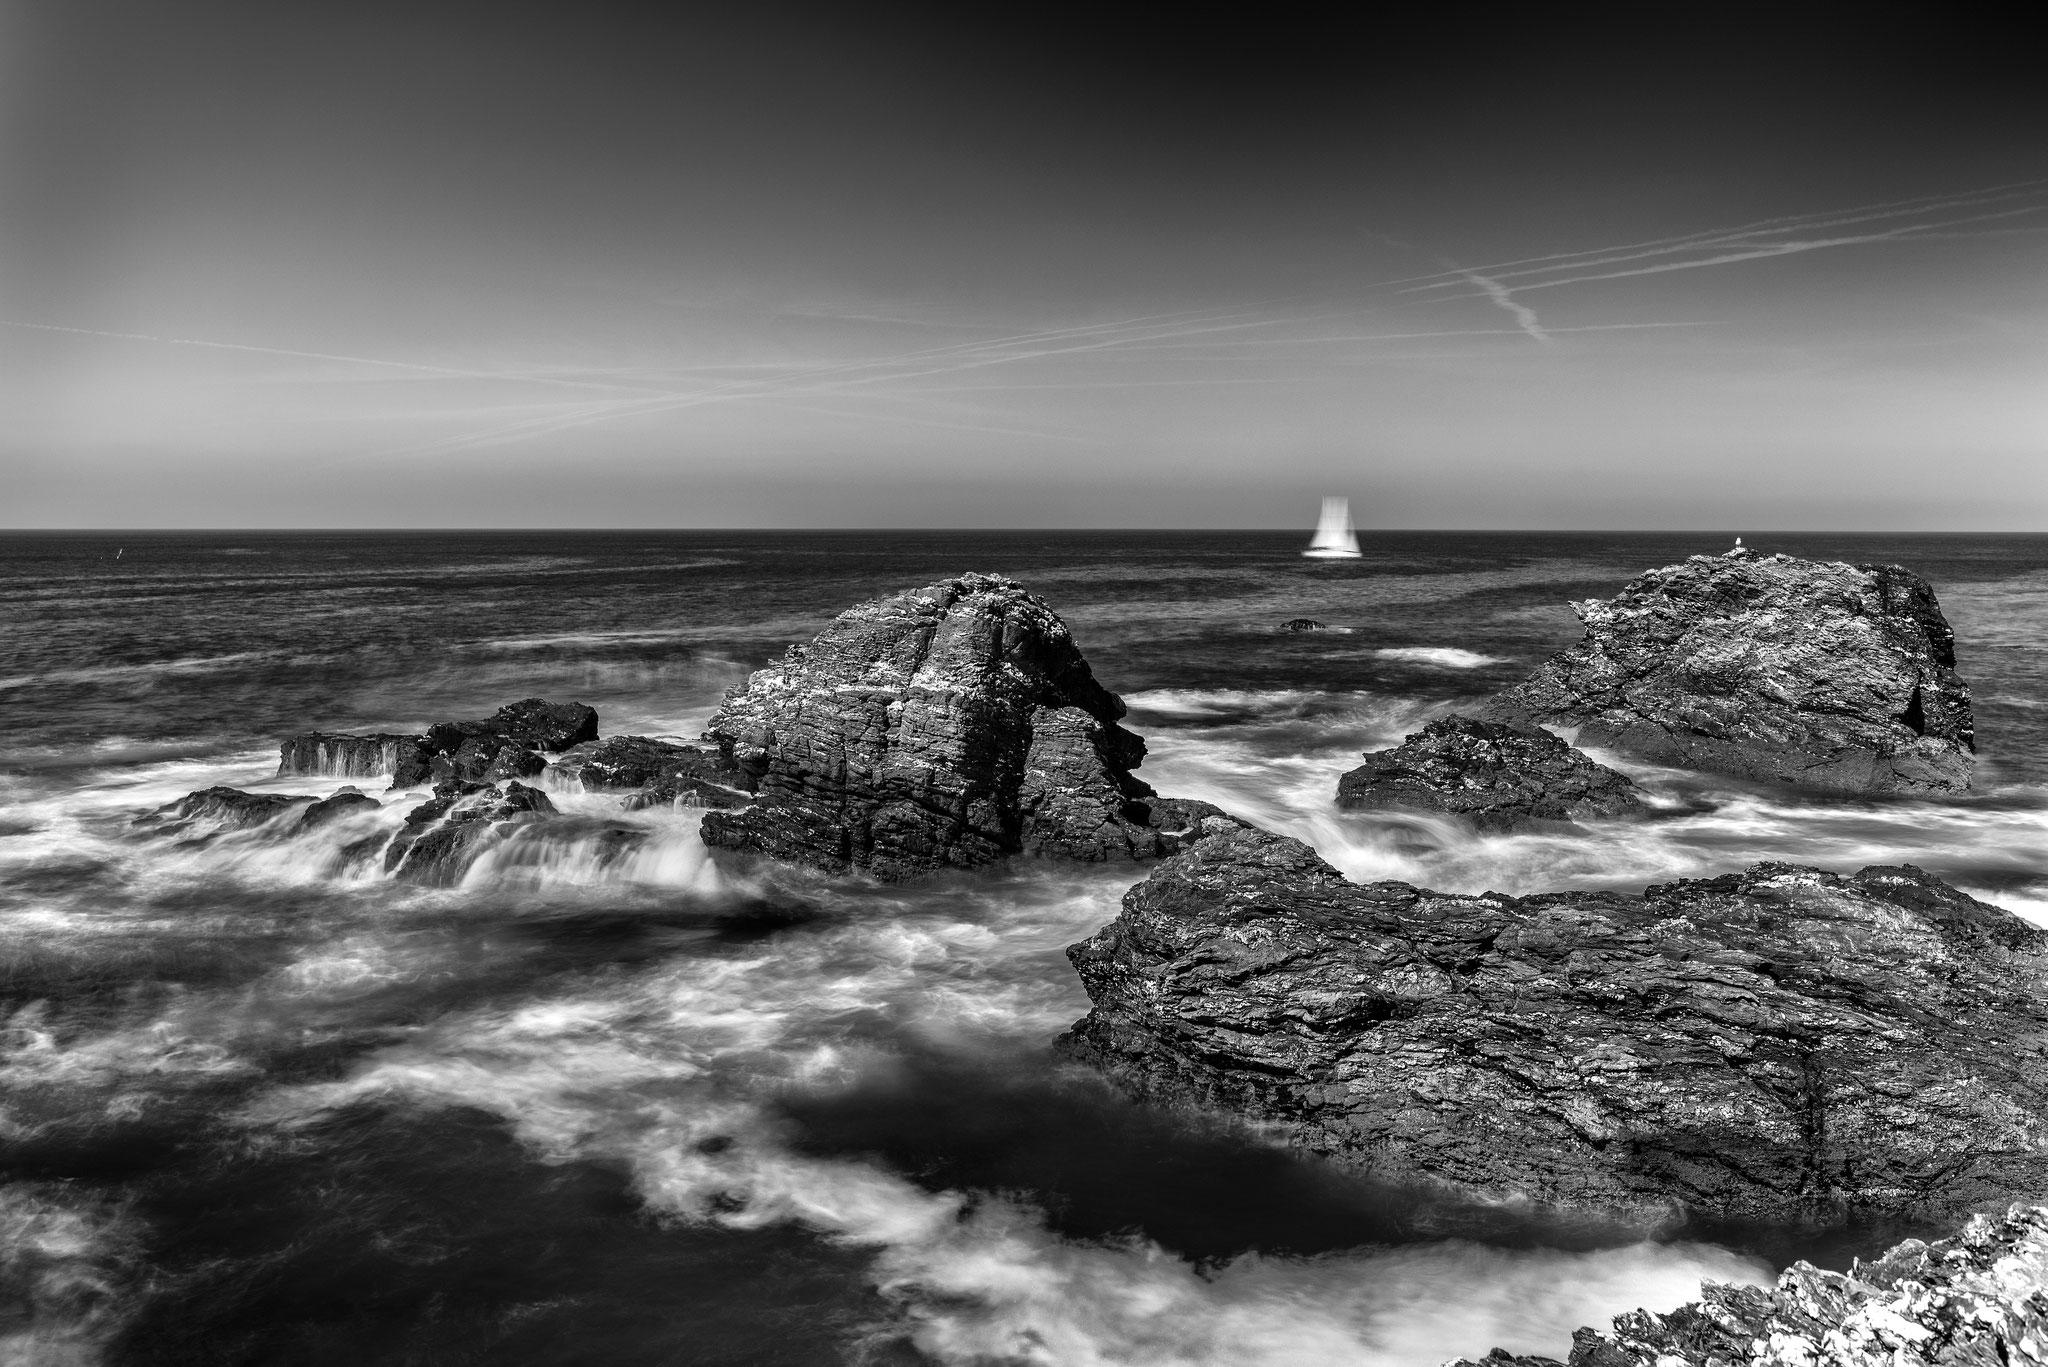 © Vincent Jolfre